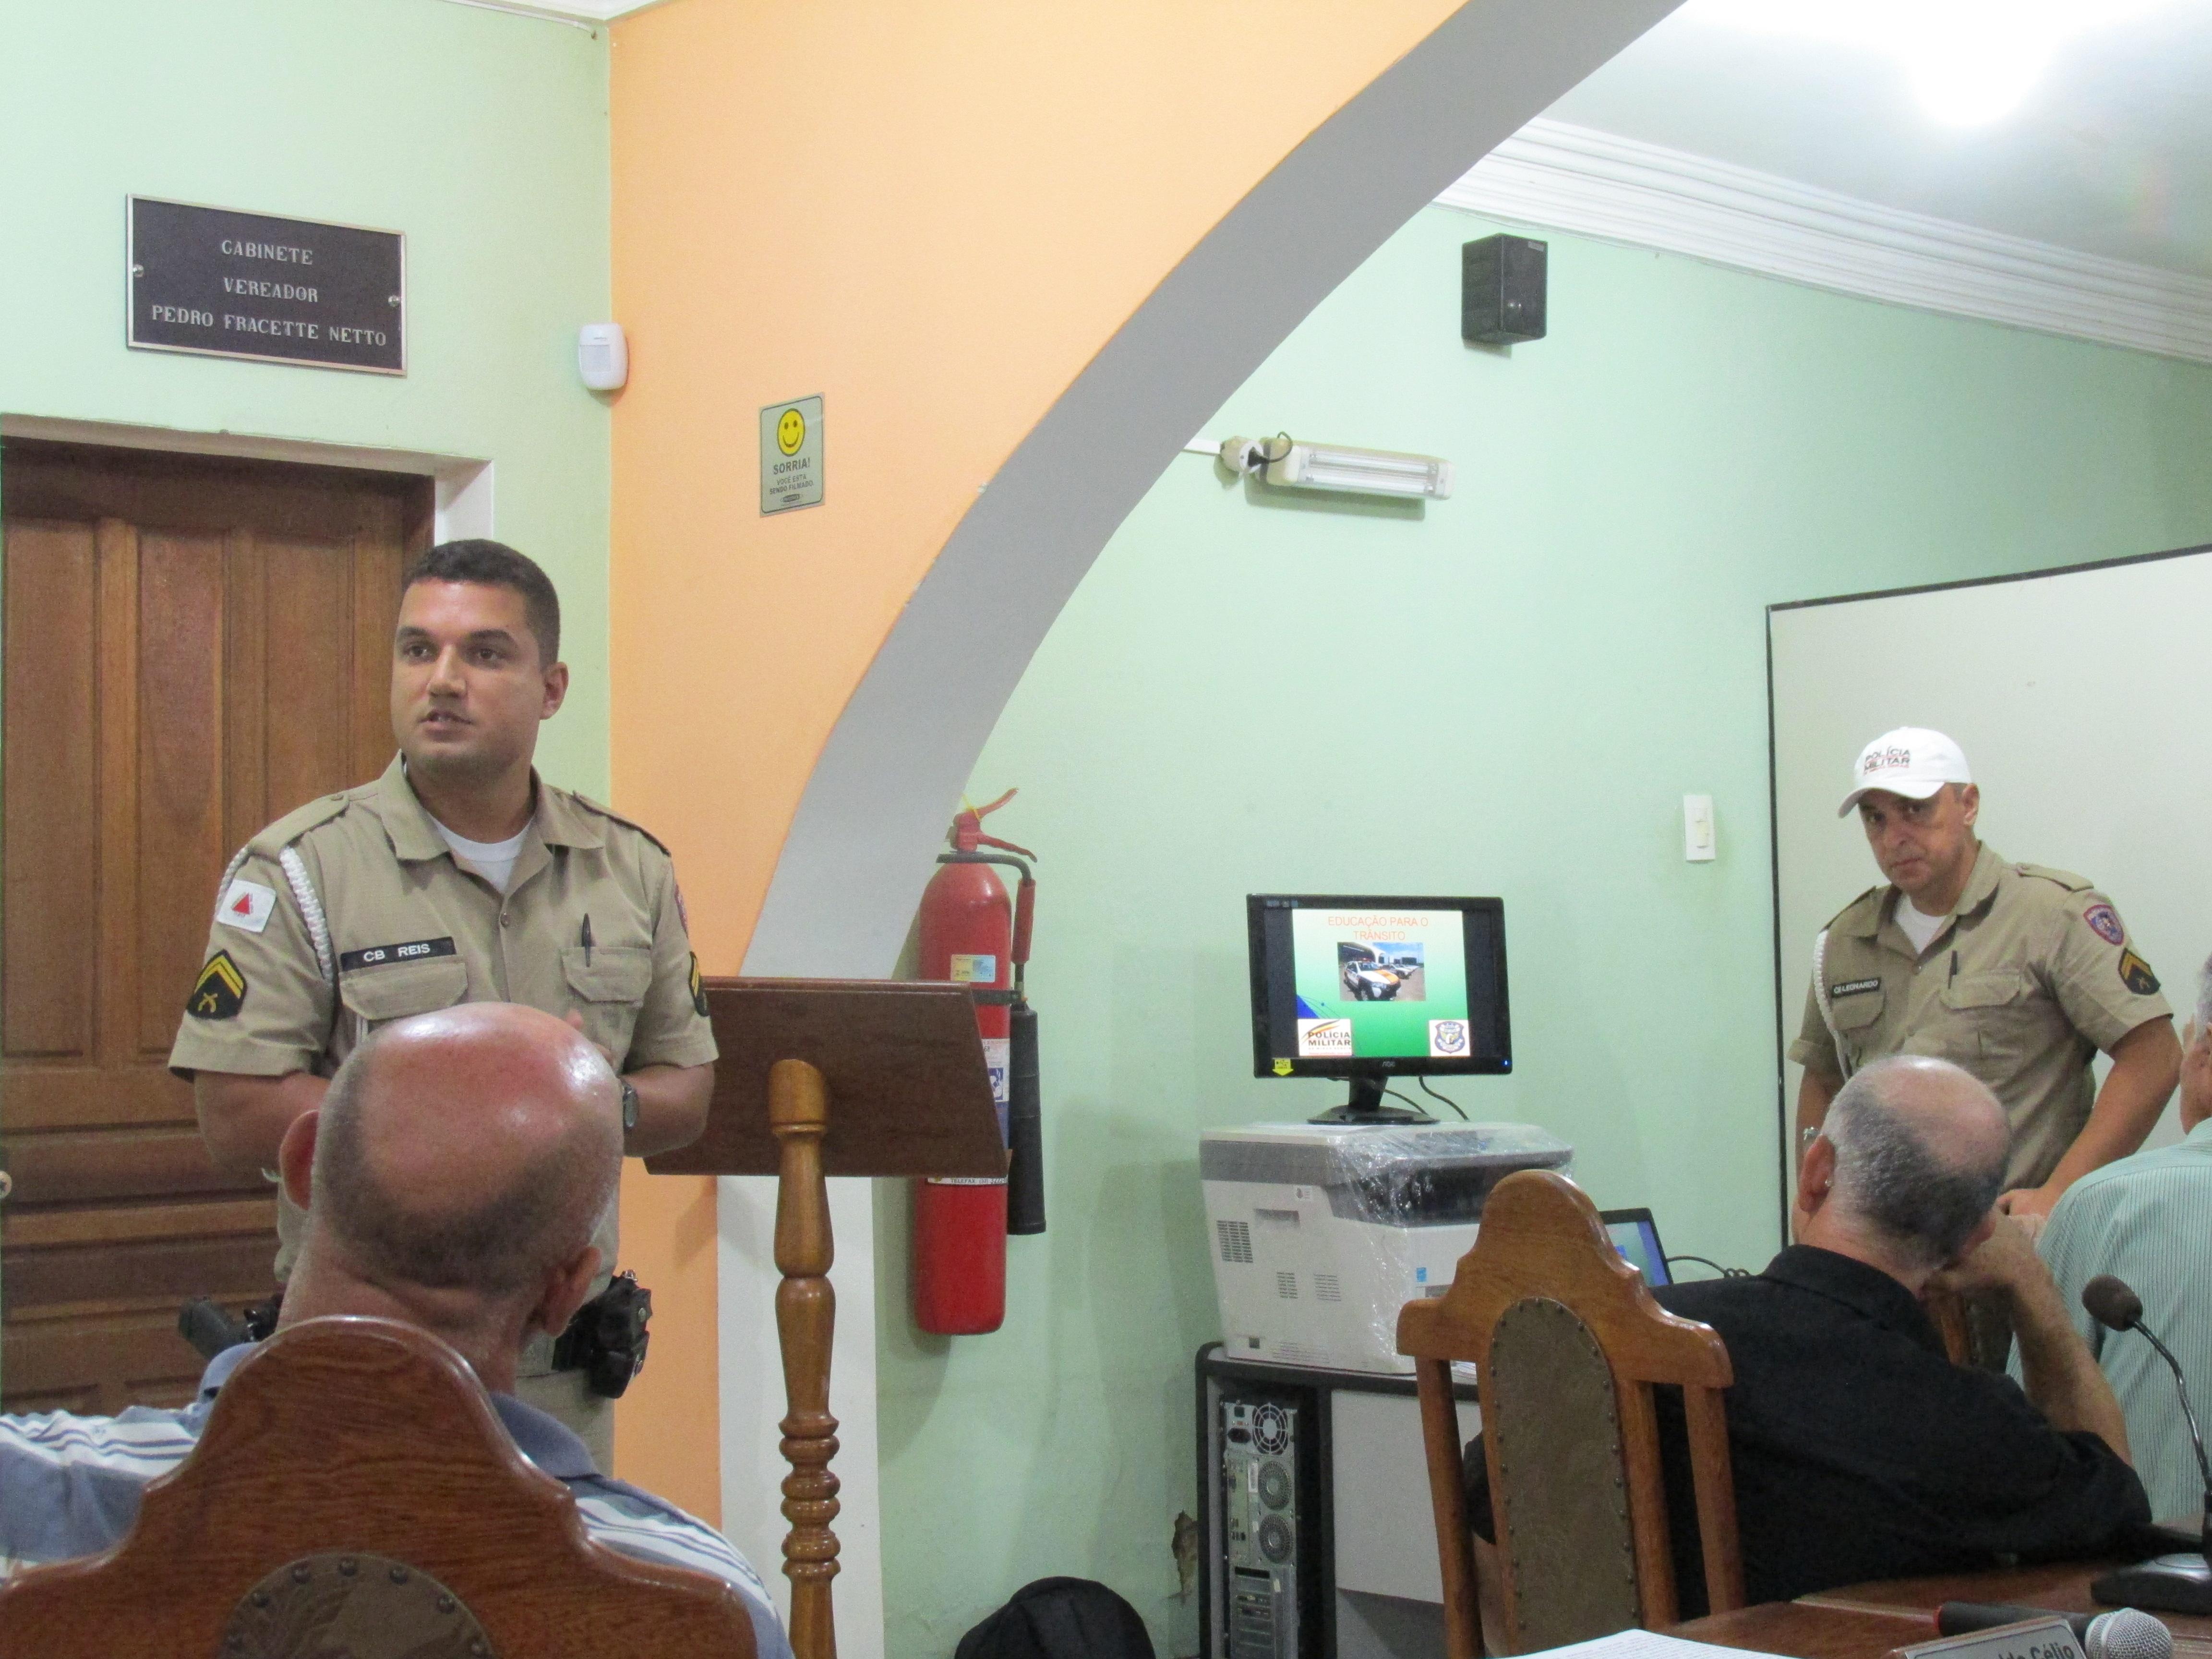 Polícia Rodoviária Estadual realiza palestra sobre trânsito na Câmara